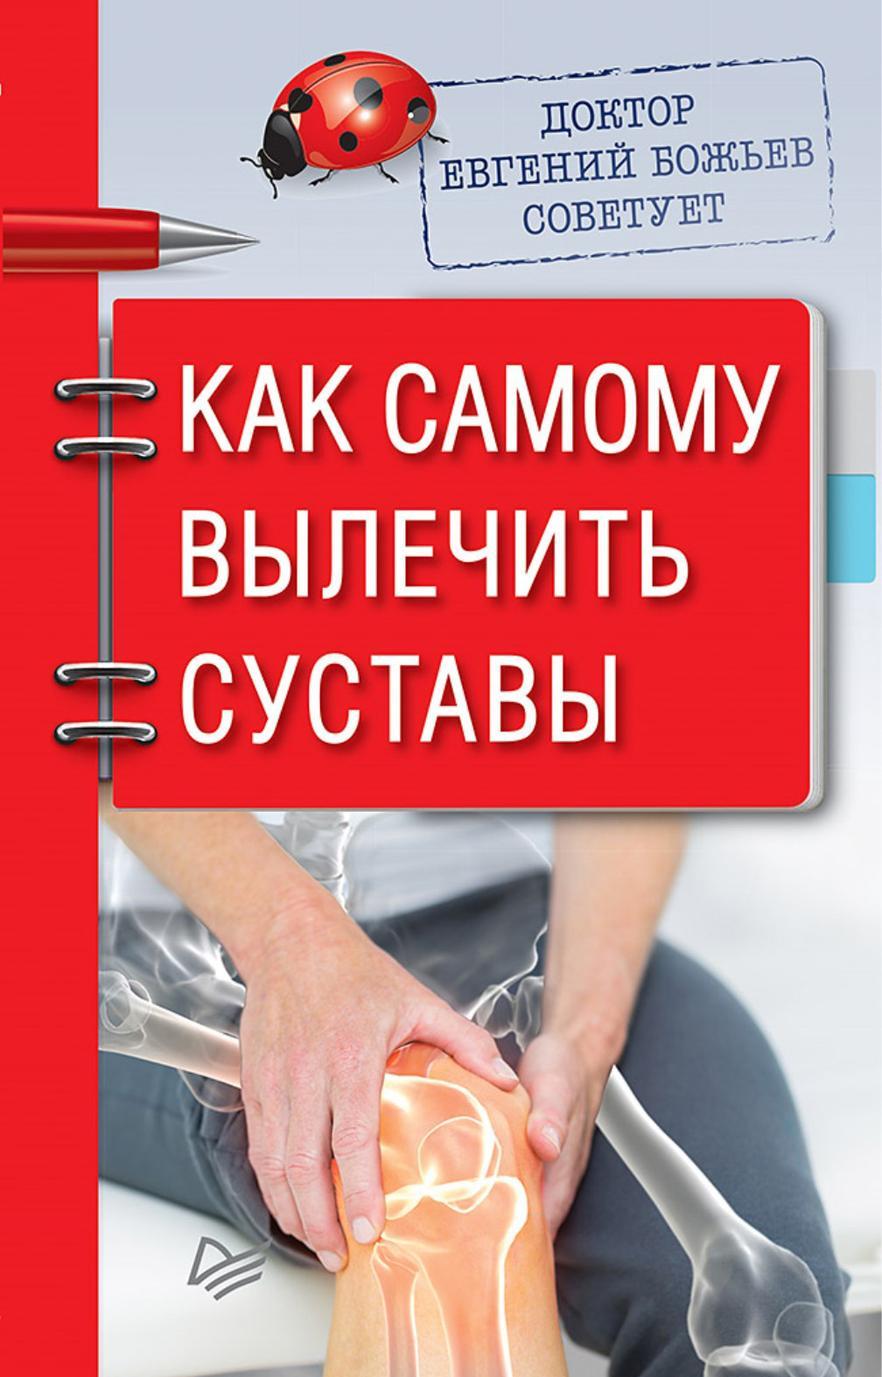 Doktor Evgenij Bozhev sovetuet. Kak samomu vylechit sustavy